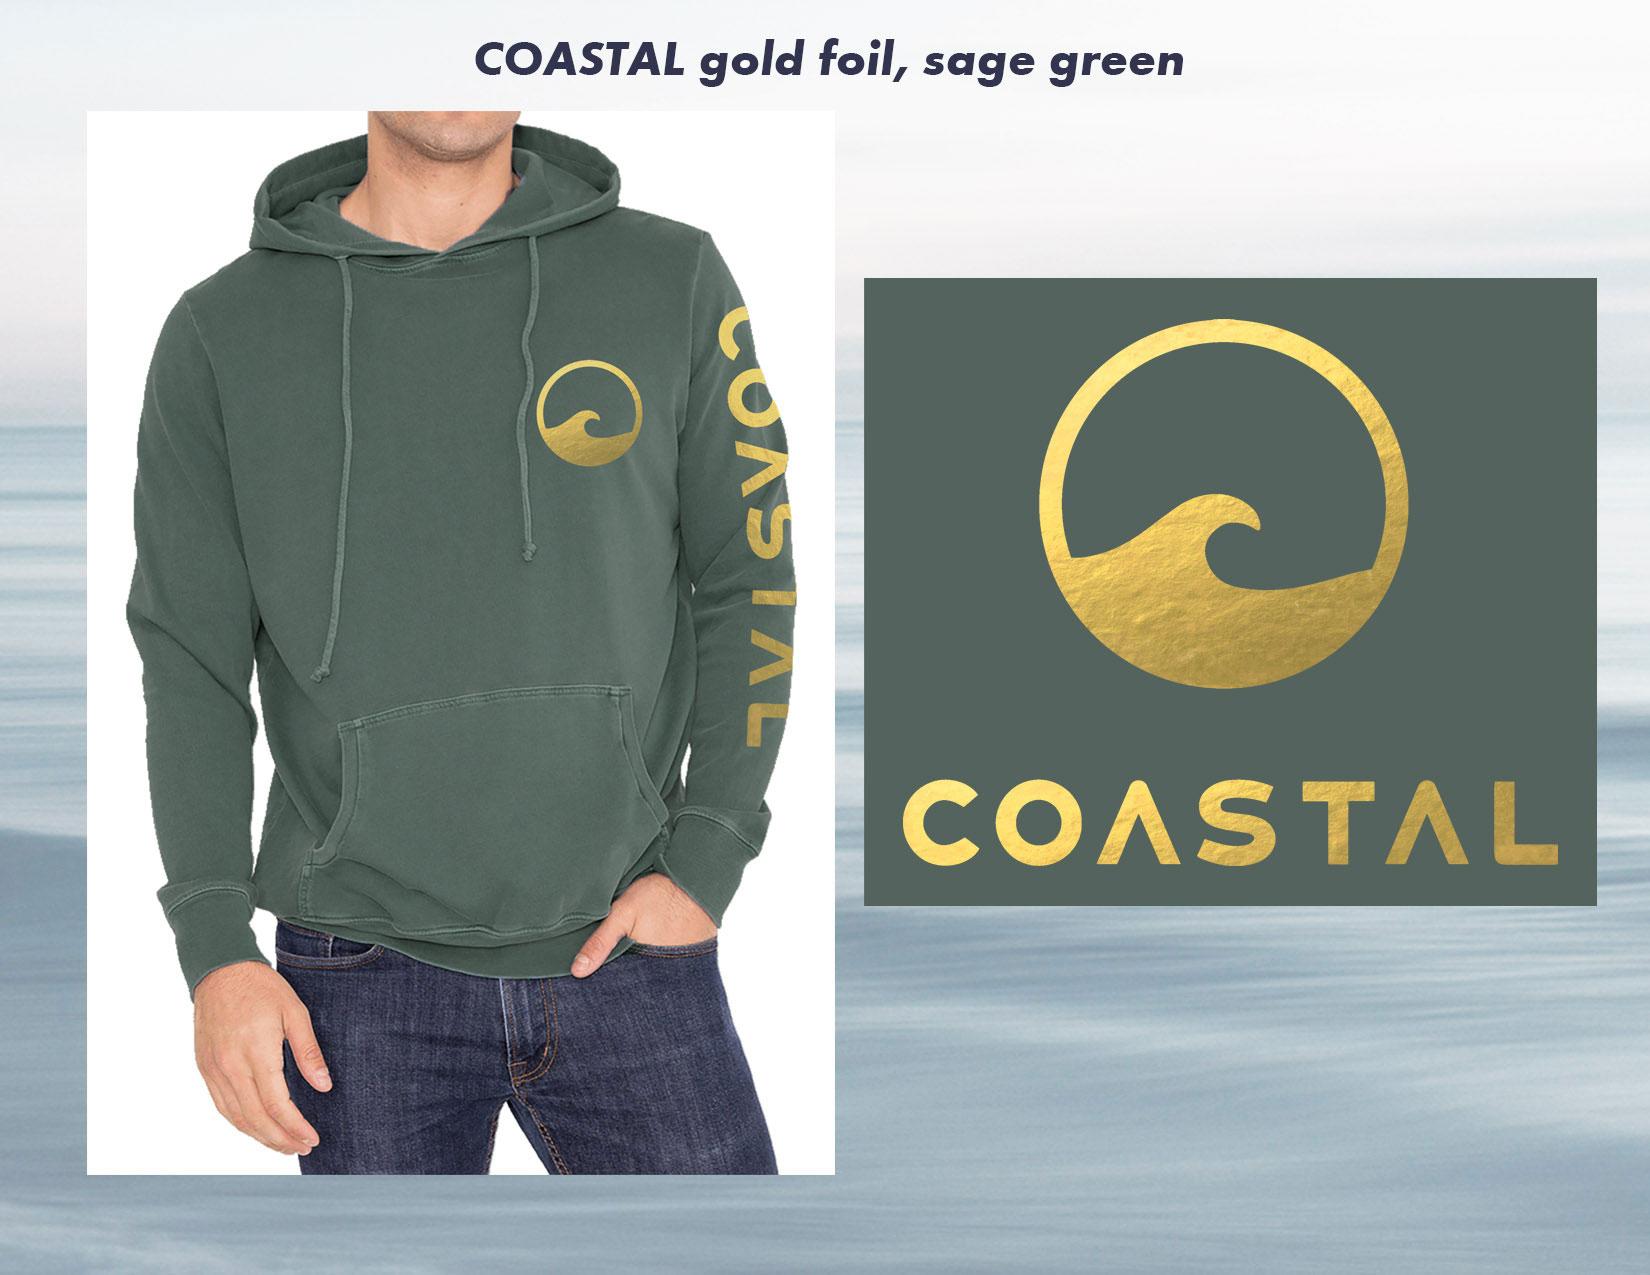 Coastal-gold-foil-sage-green